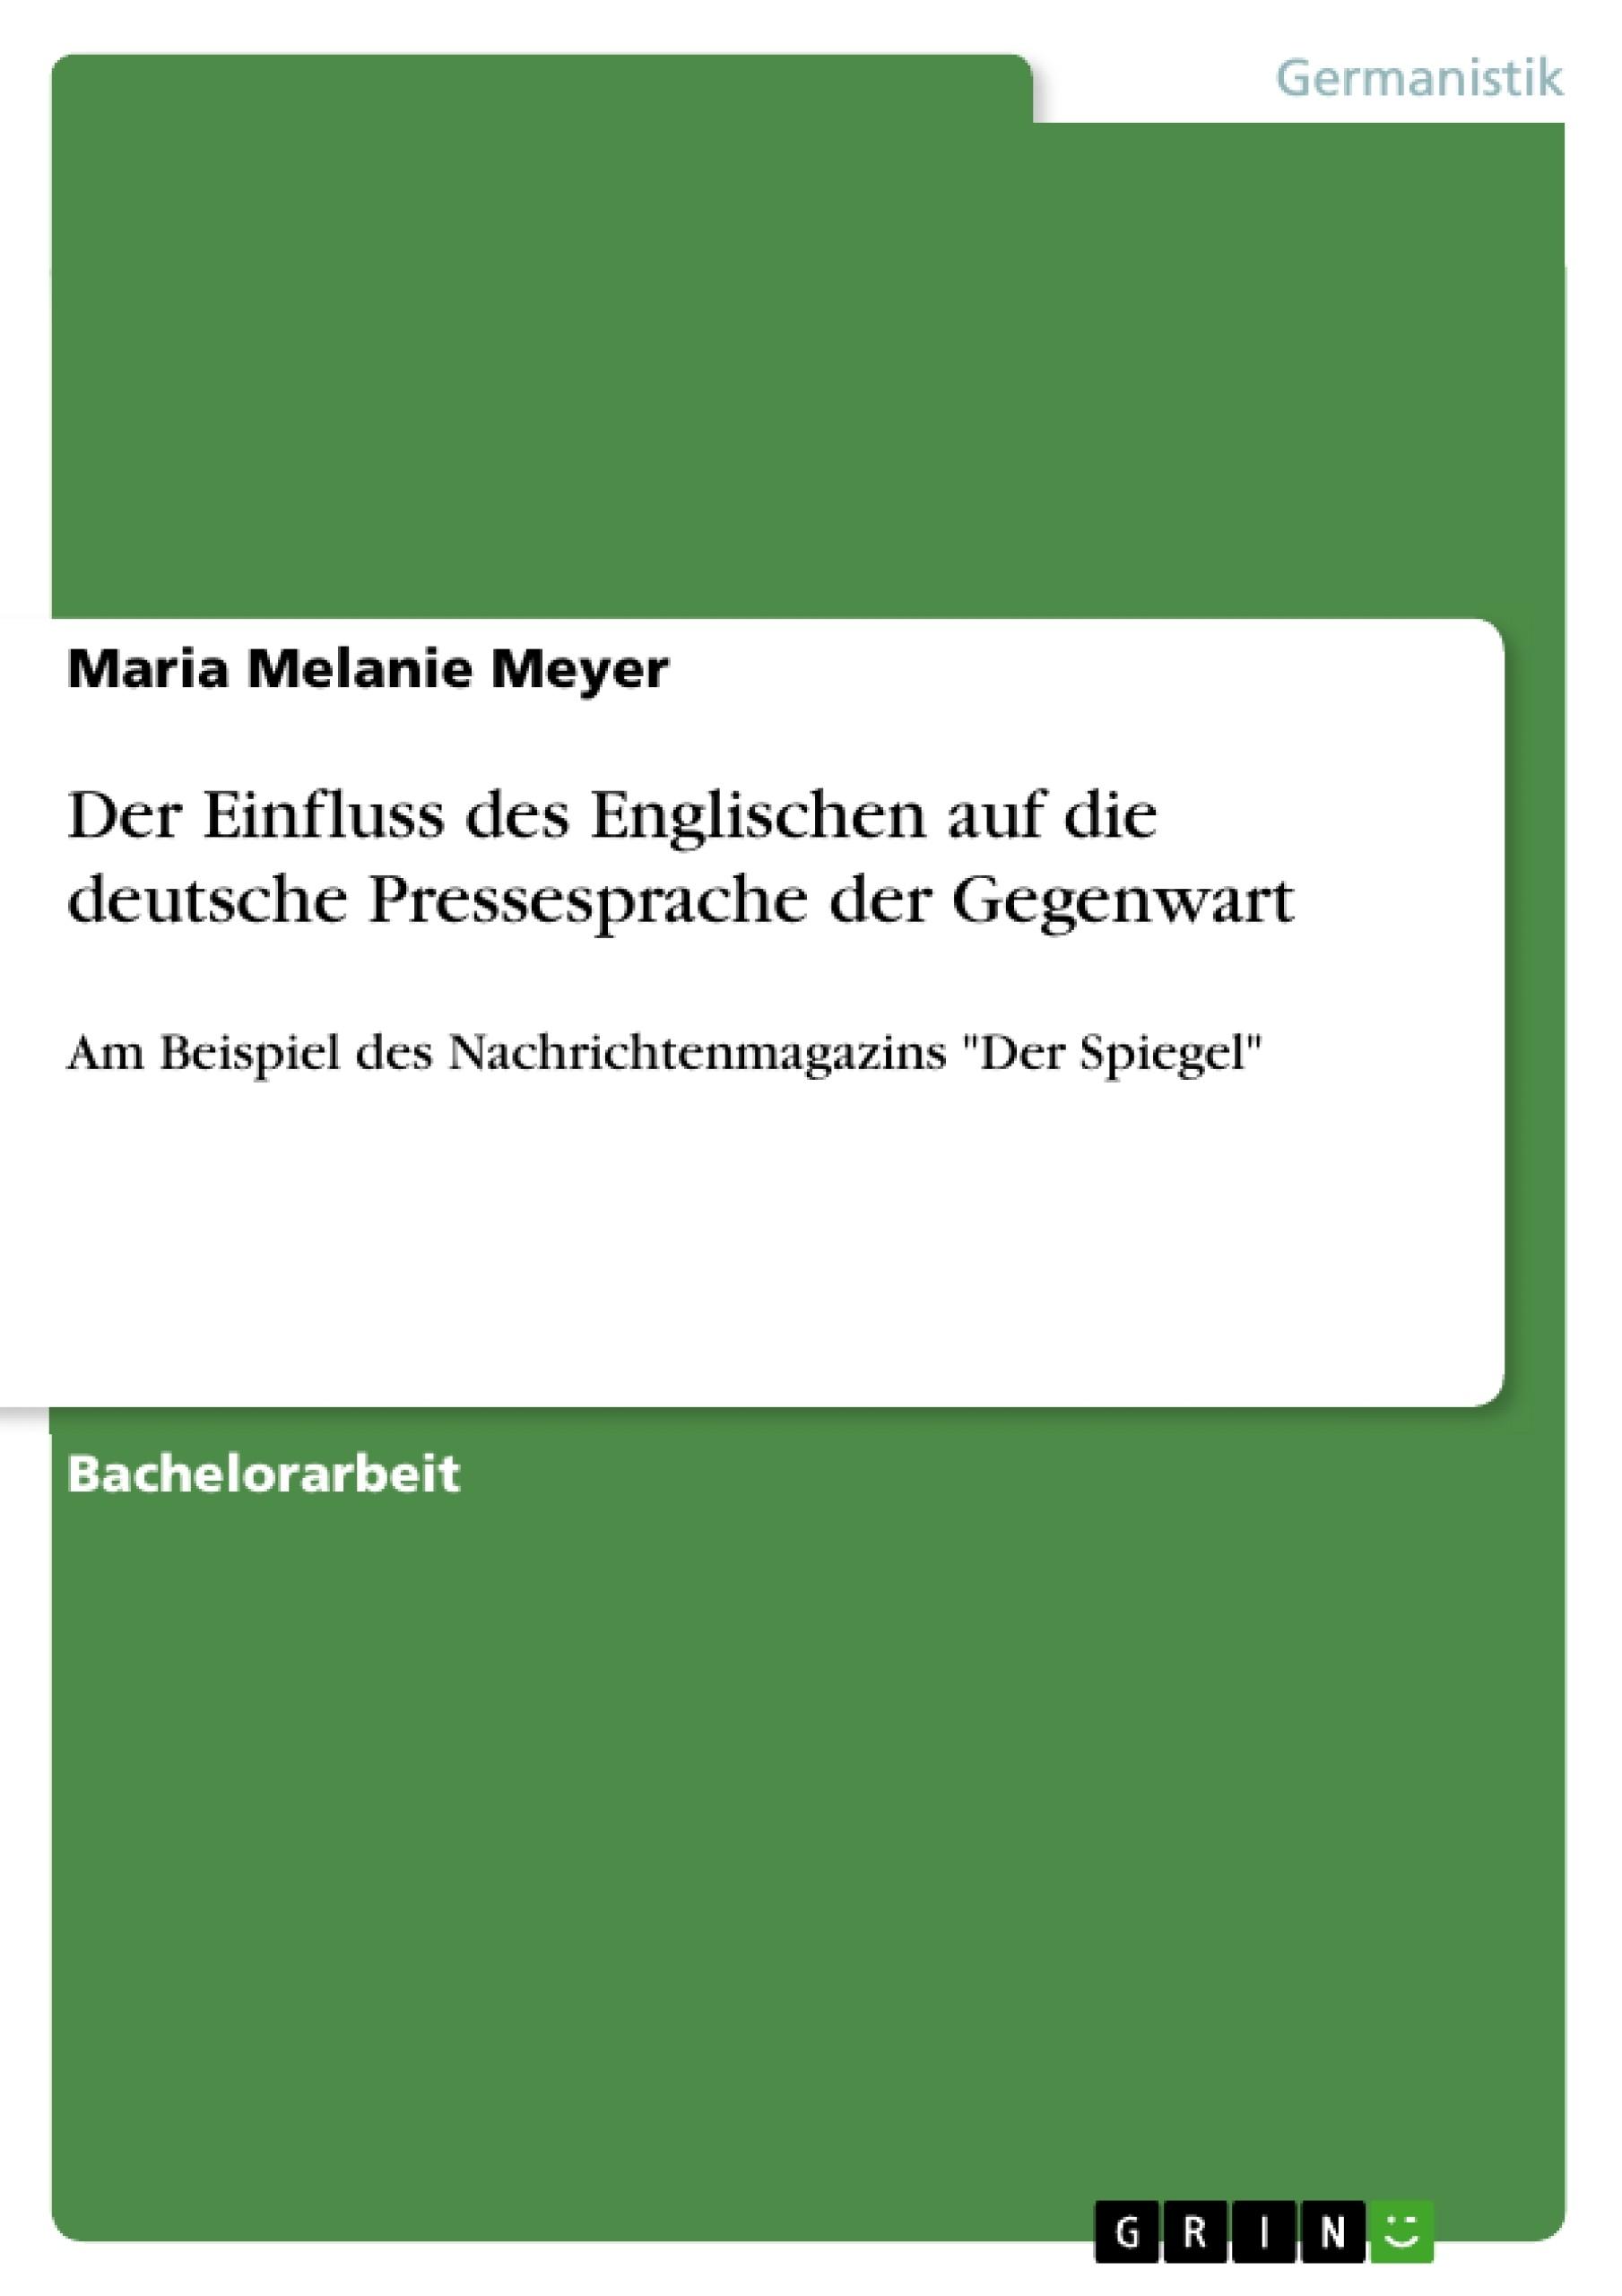 Titel: Der Einfluss des Englischen auf die deutsche Pressesprache der Gegenwart